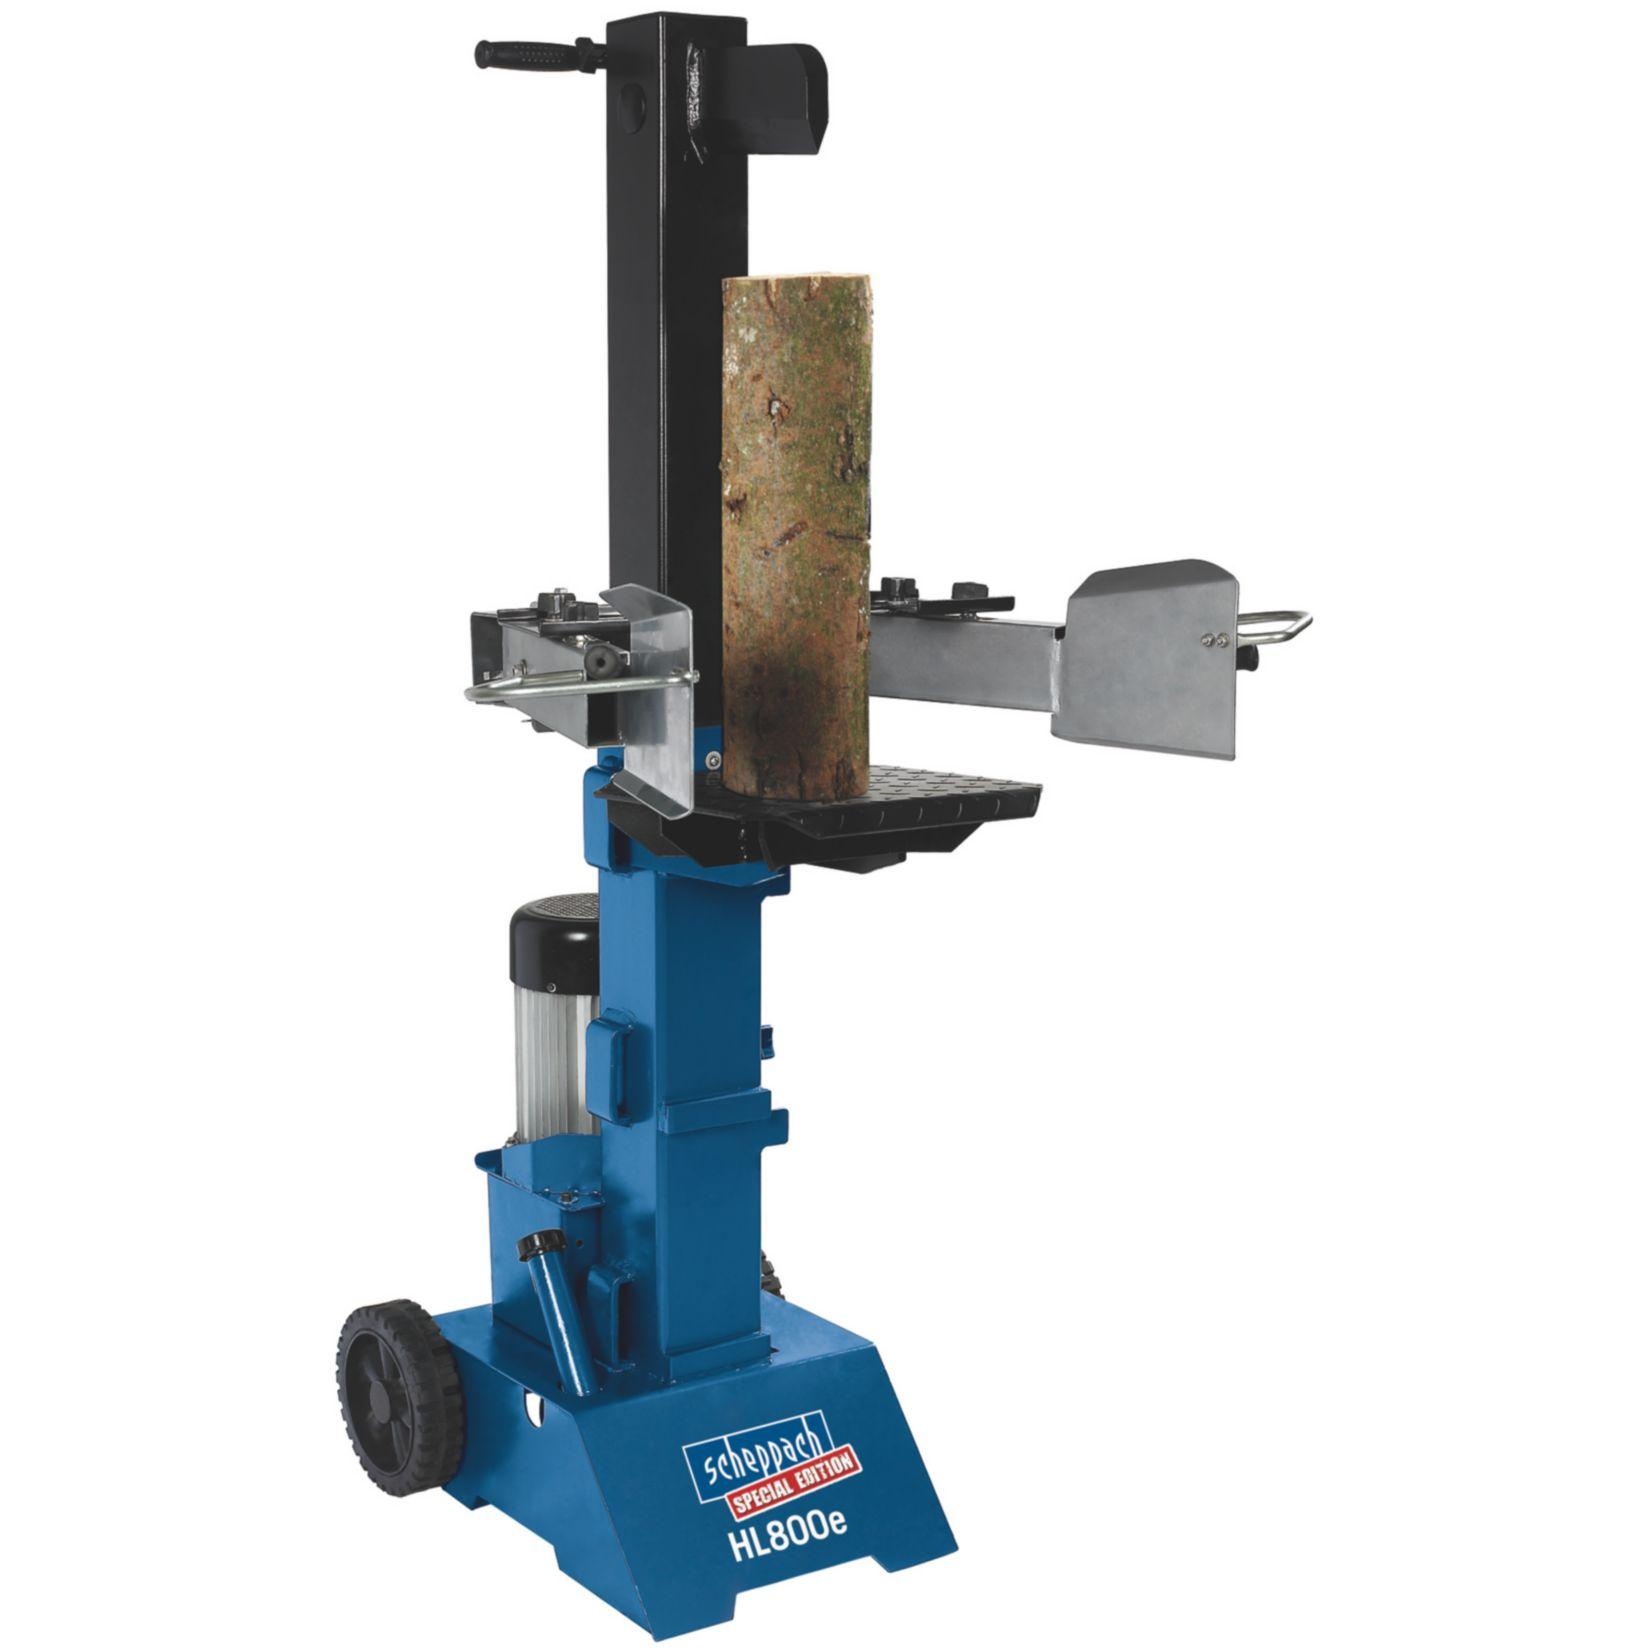 Bild zu Scheppach HL800e 400 V Hydraulikspalter für 399,99€ (Vergleich: 478,75€)